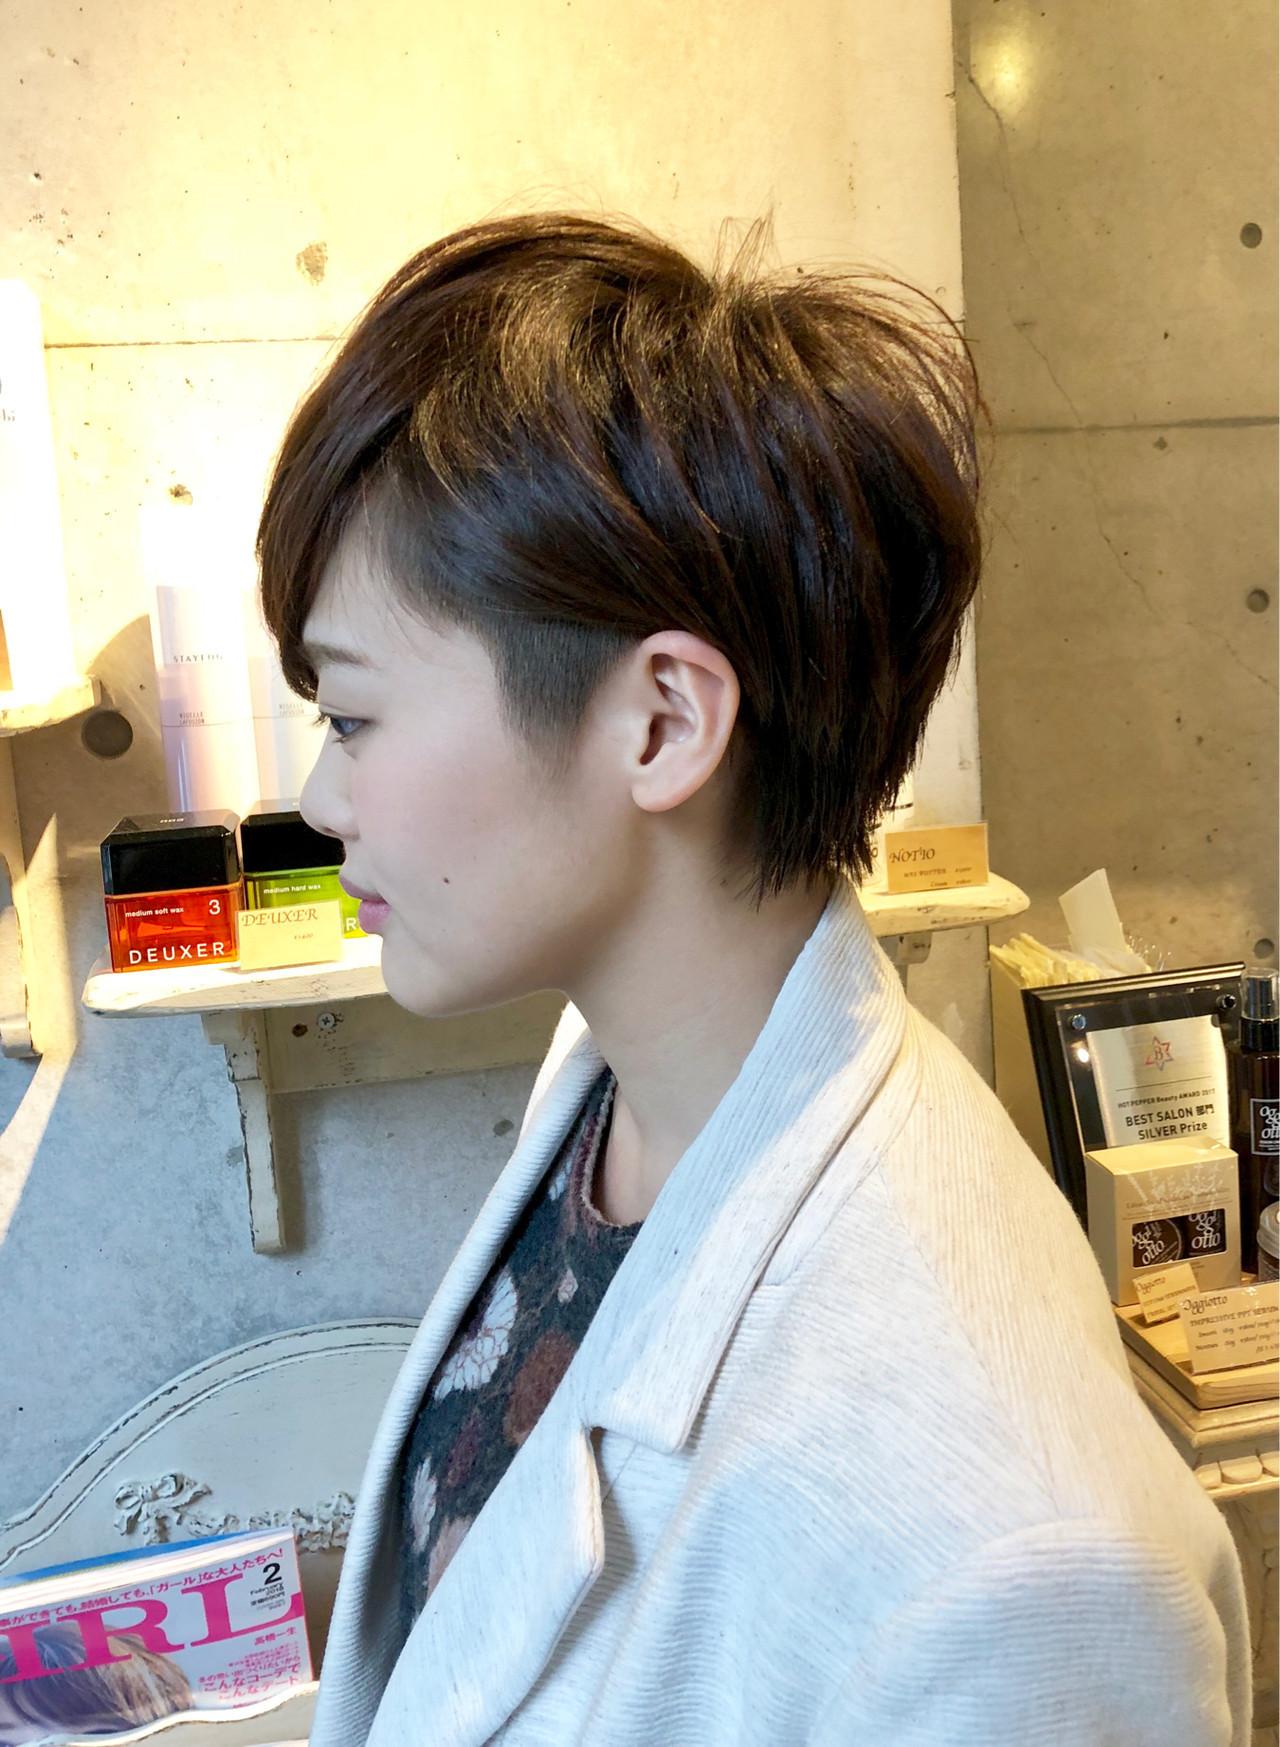 オフィスOKの40代女性ツーブロックヘア 文野孝弥